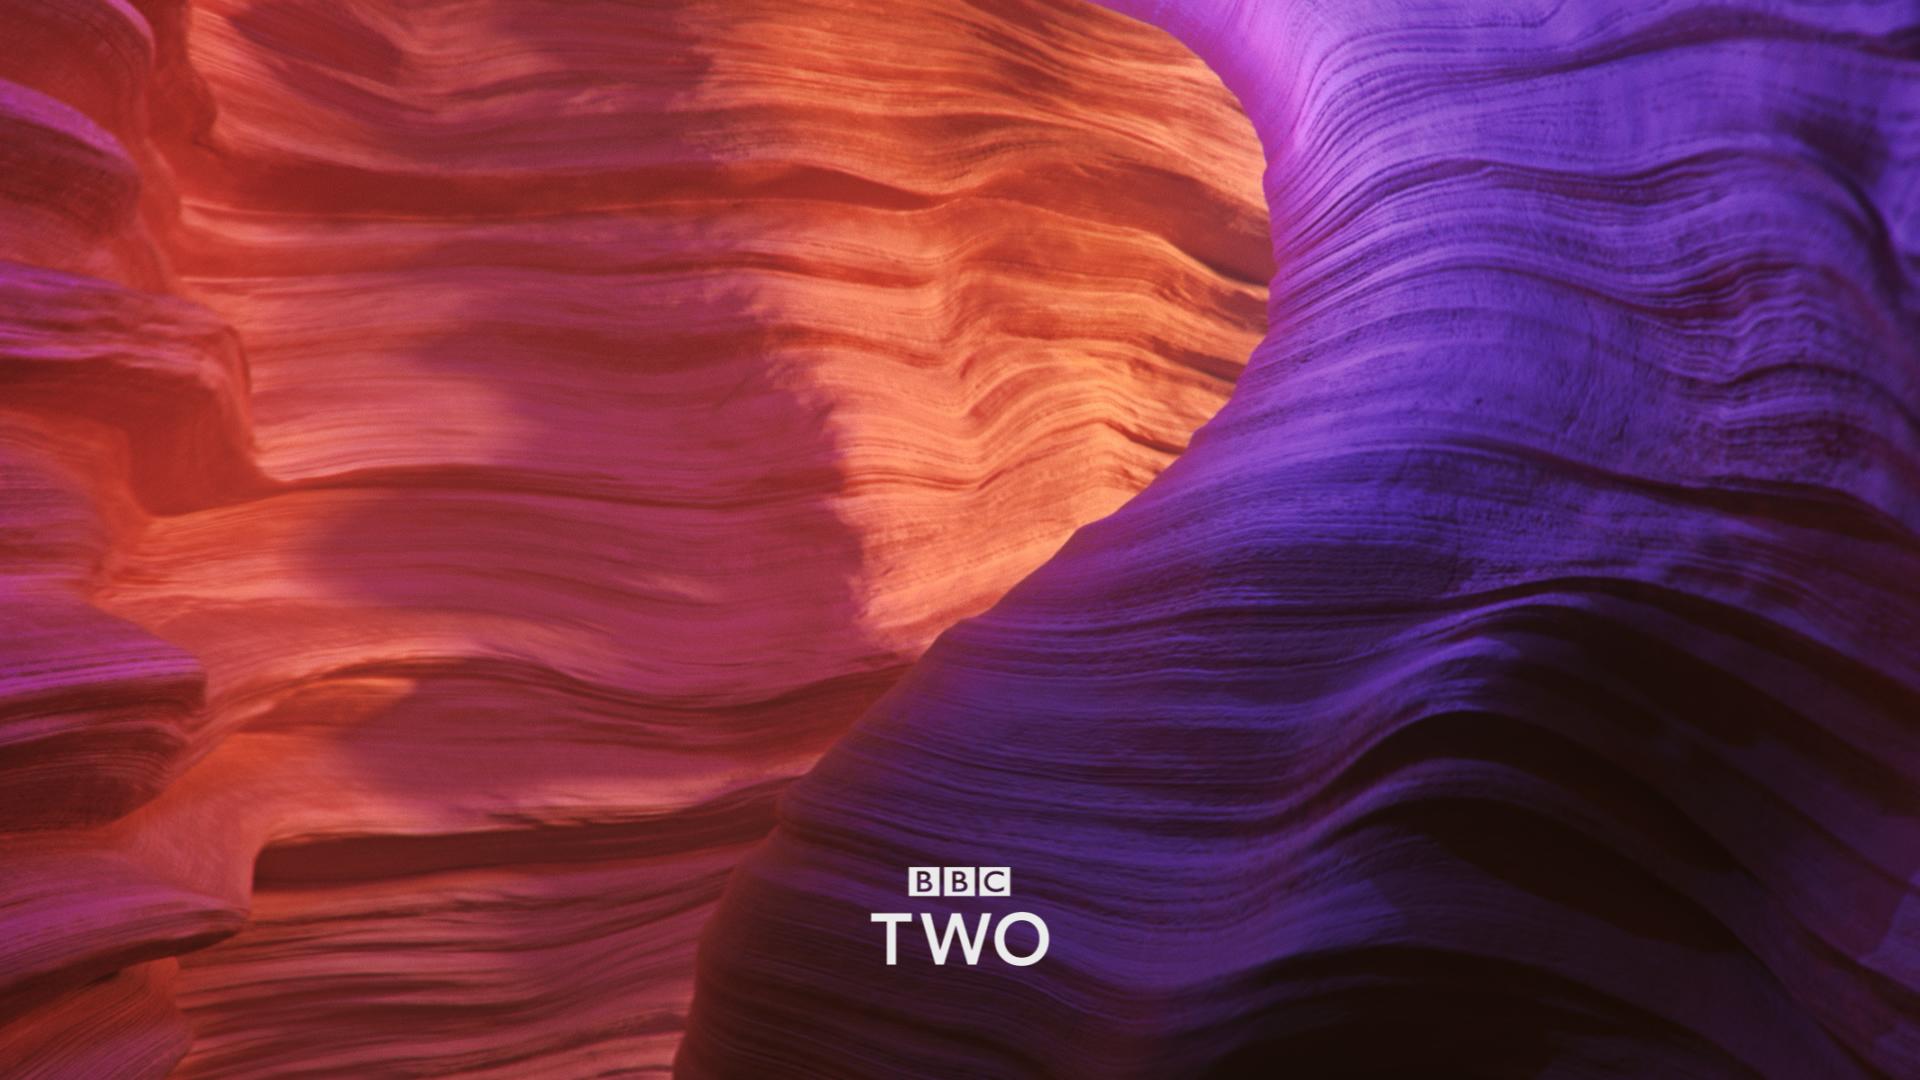 BBC2_ident_stills_00001.jpg